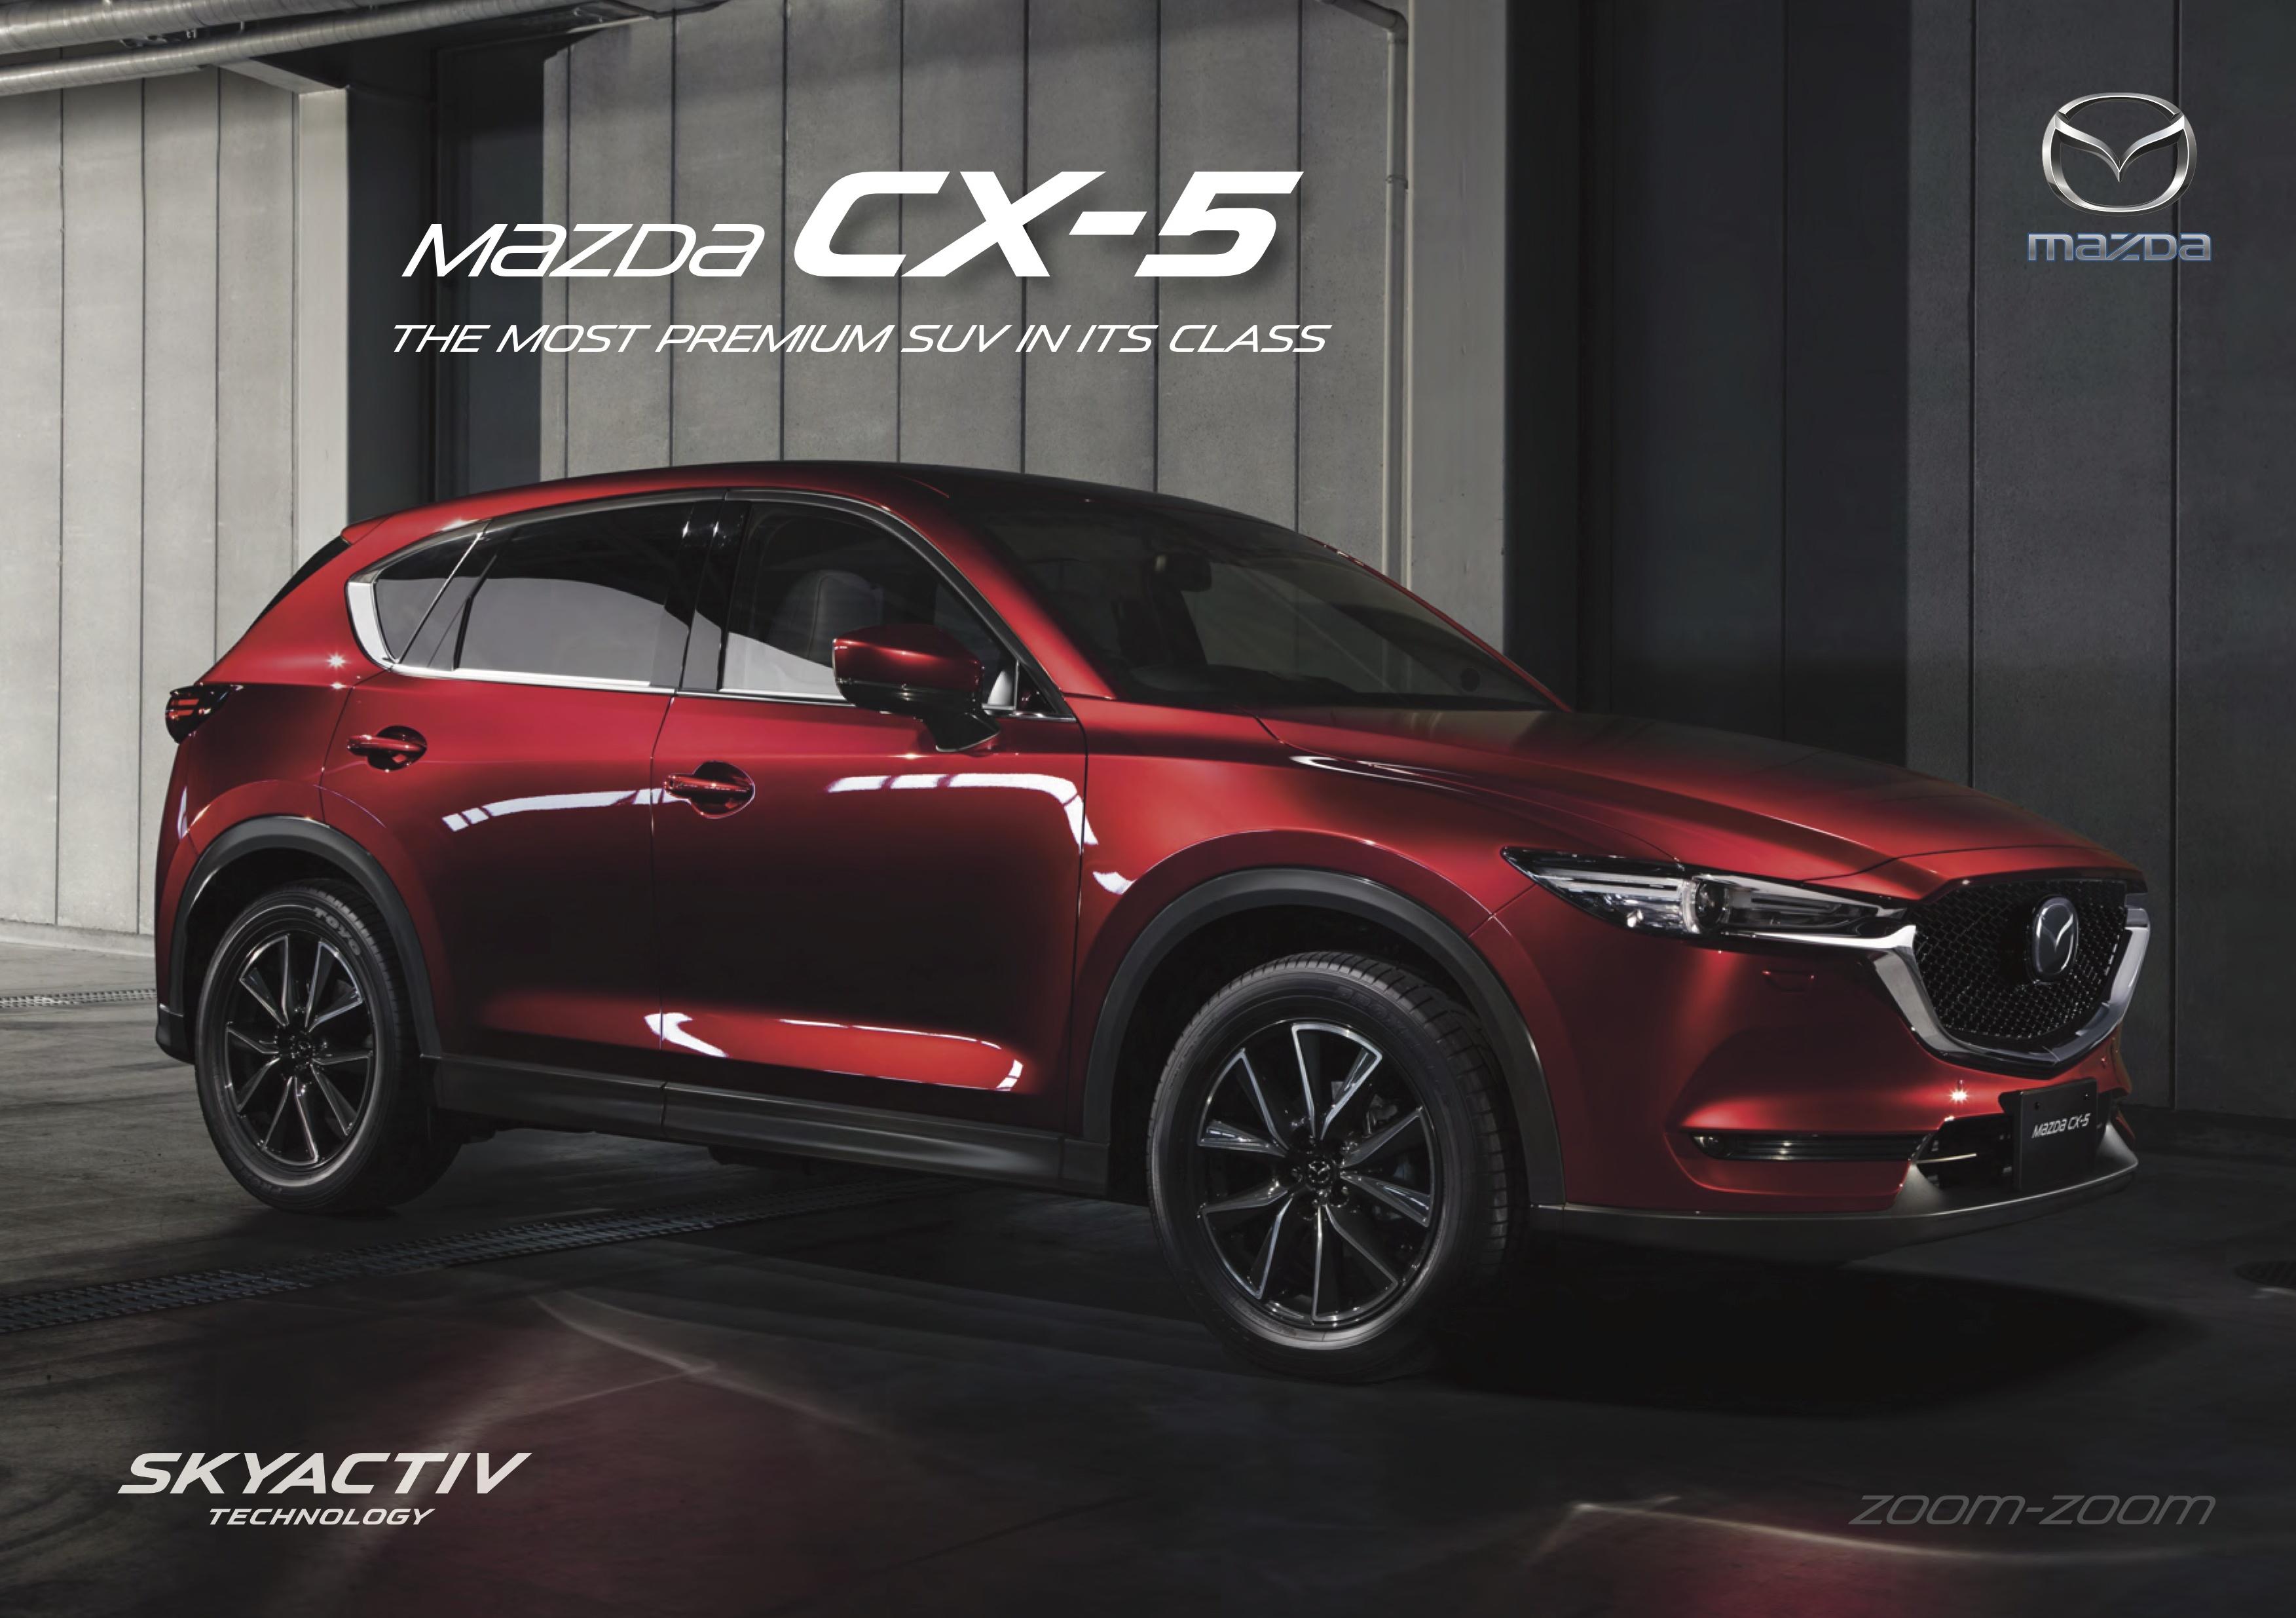 Ɗ�先大马一步,新加坡发布第二代全新mazda Cx 5! Paul Tan Ʊ�车资讯网